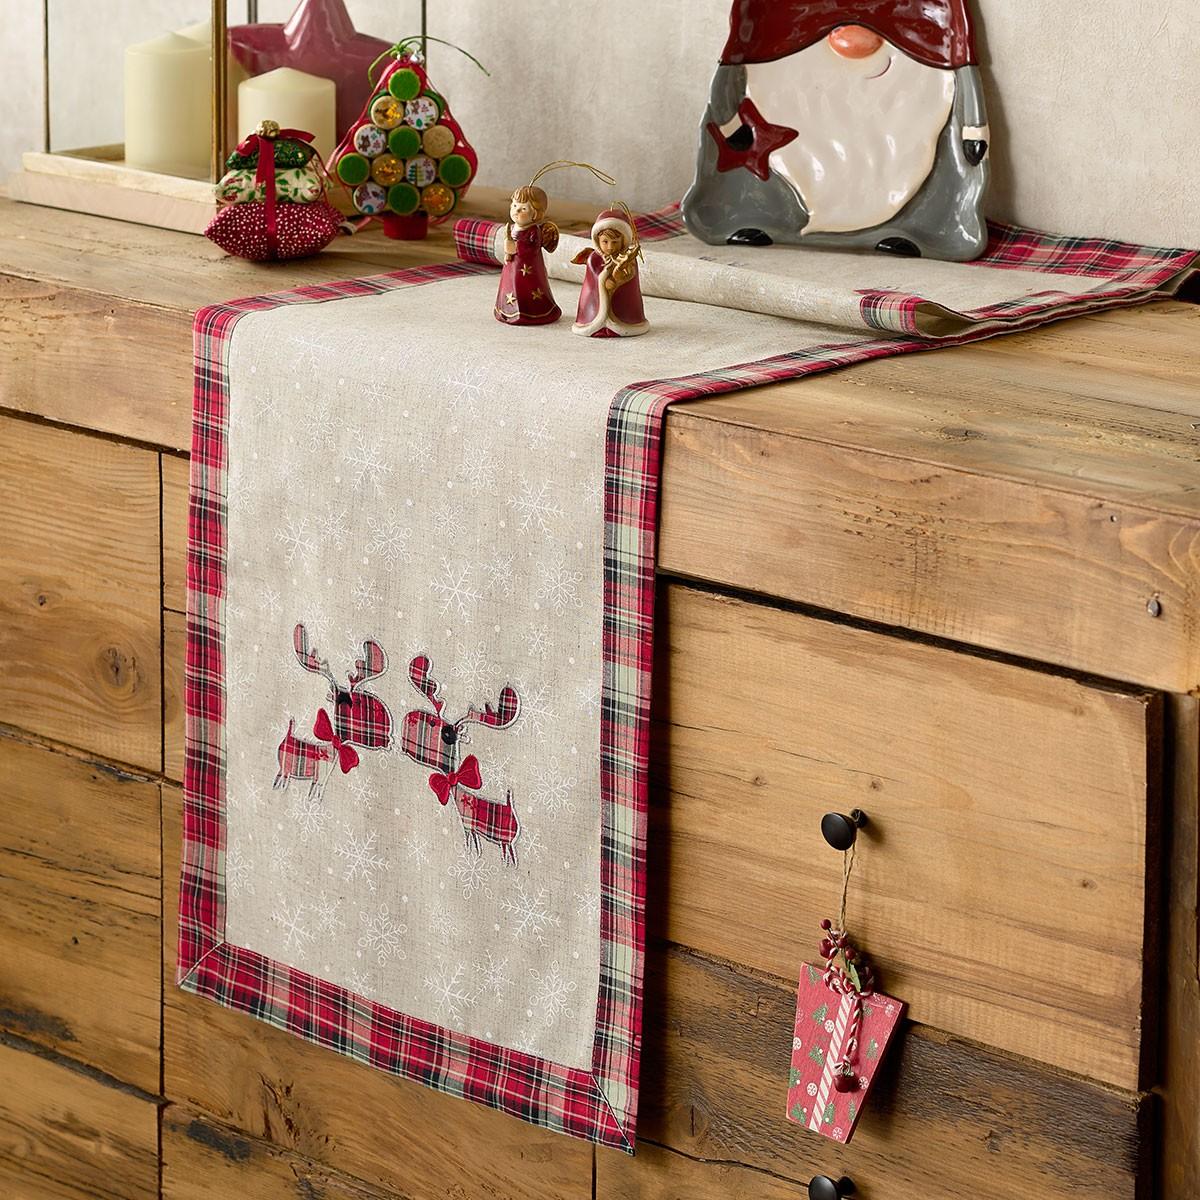 Χριστουγεννιάτικη Τραβέρσα Gofis Home 232